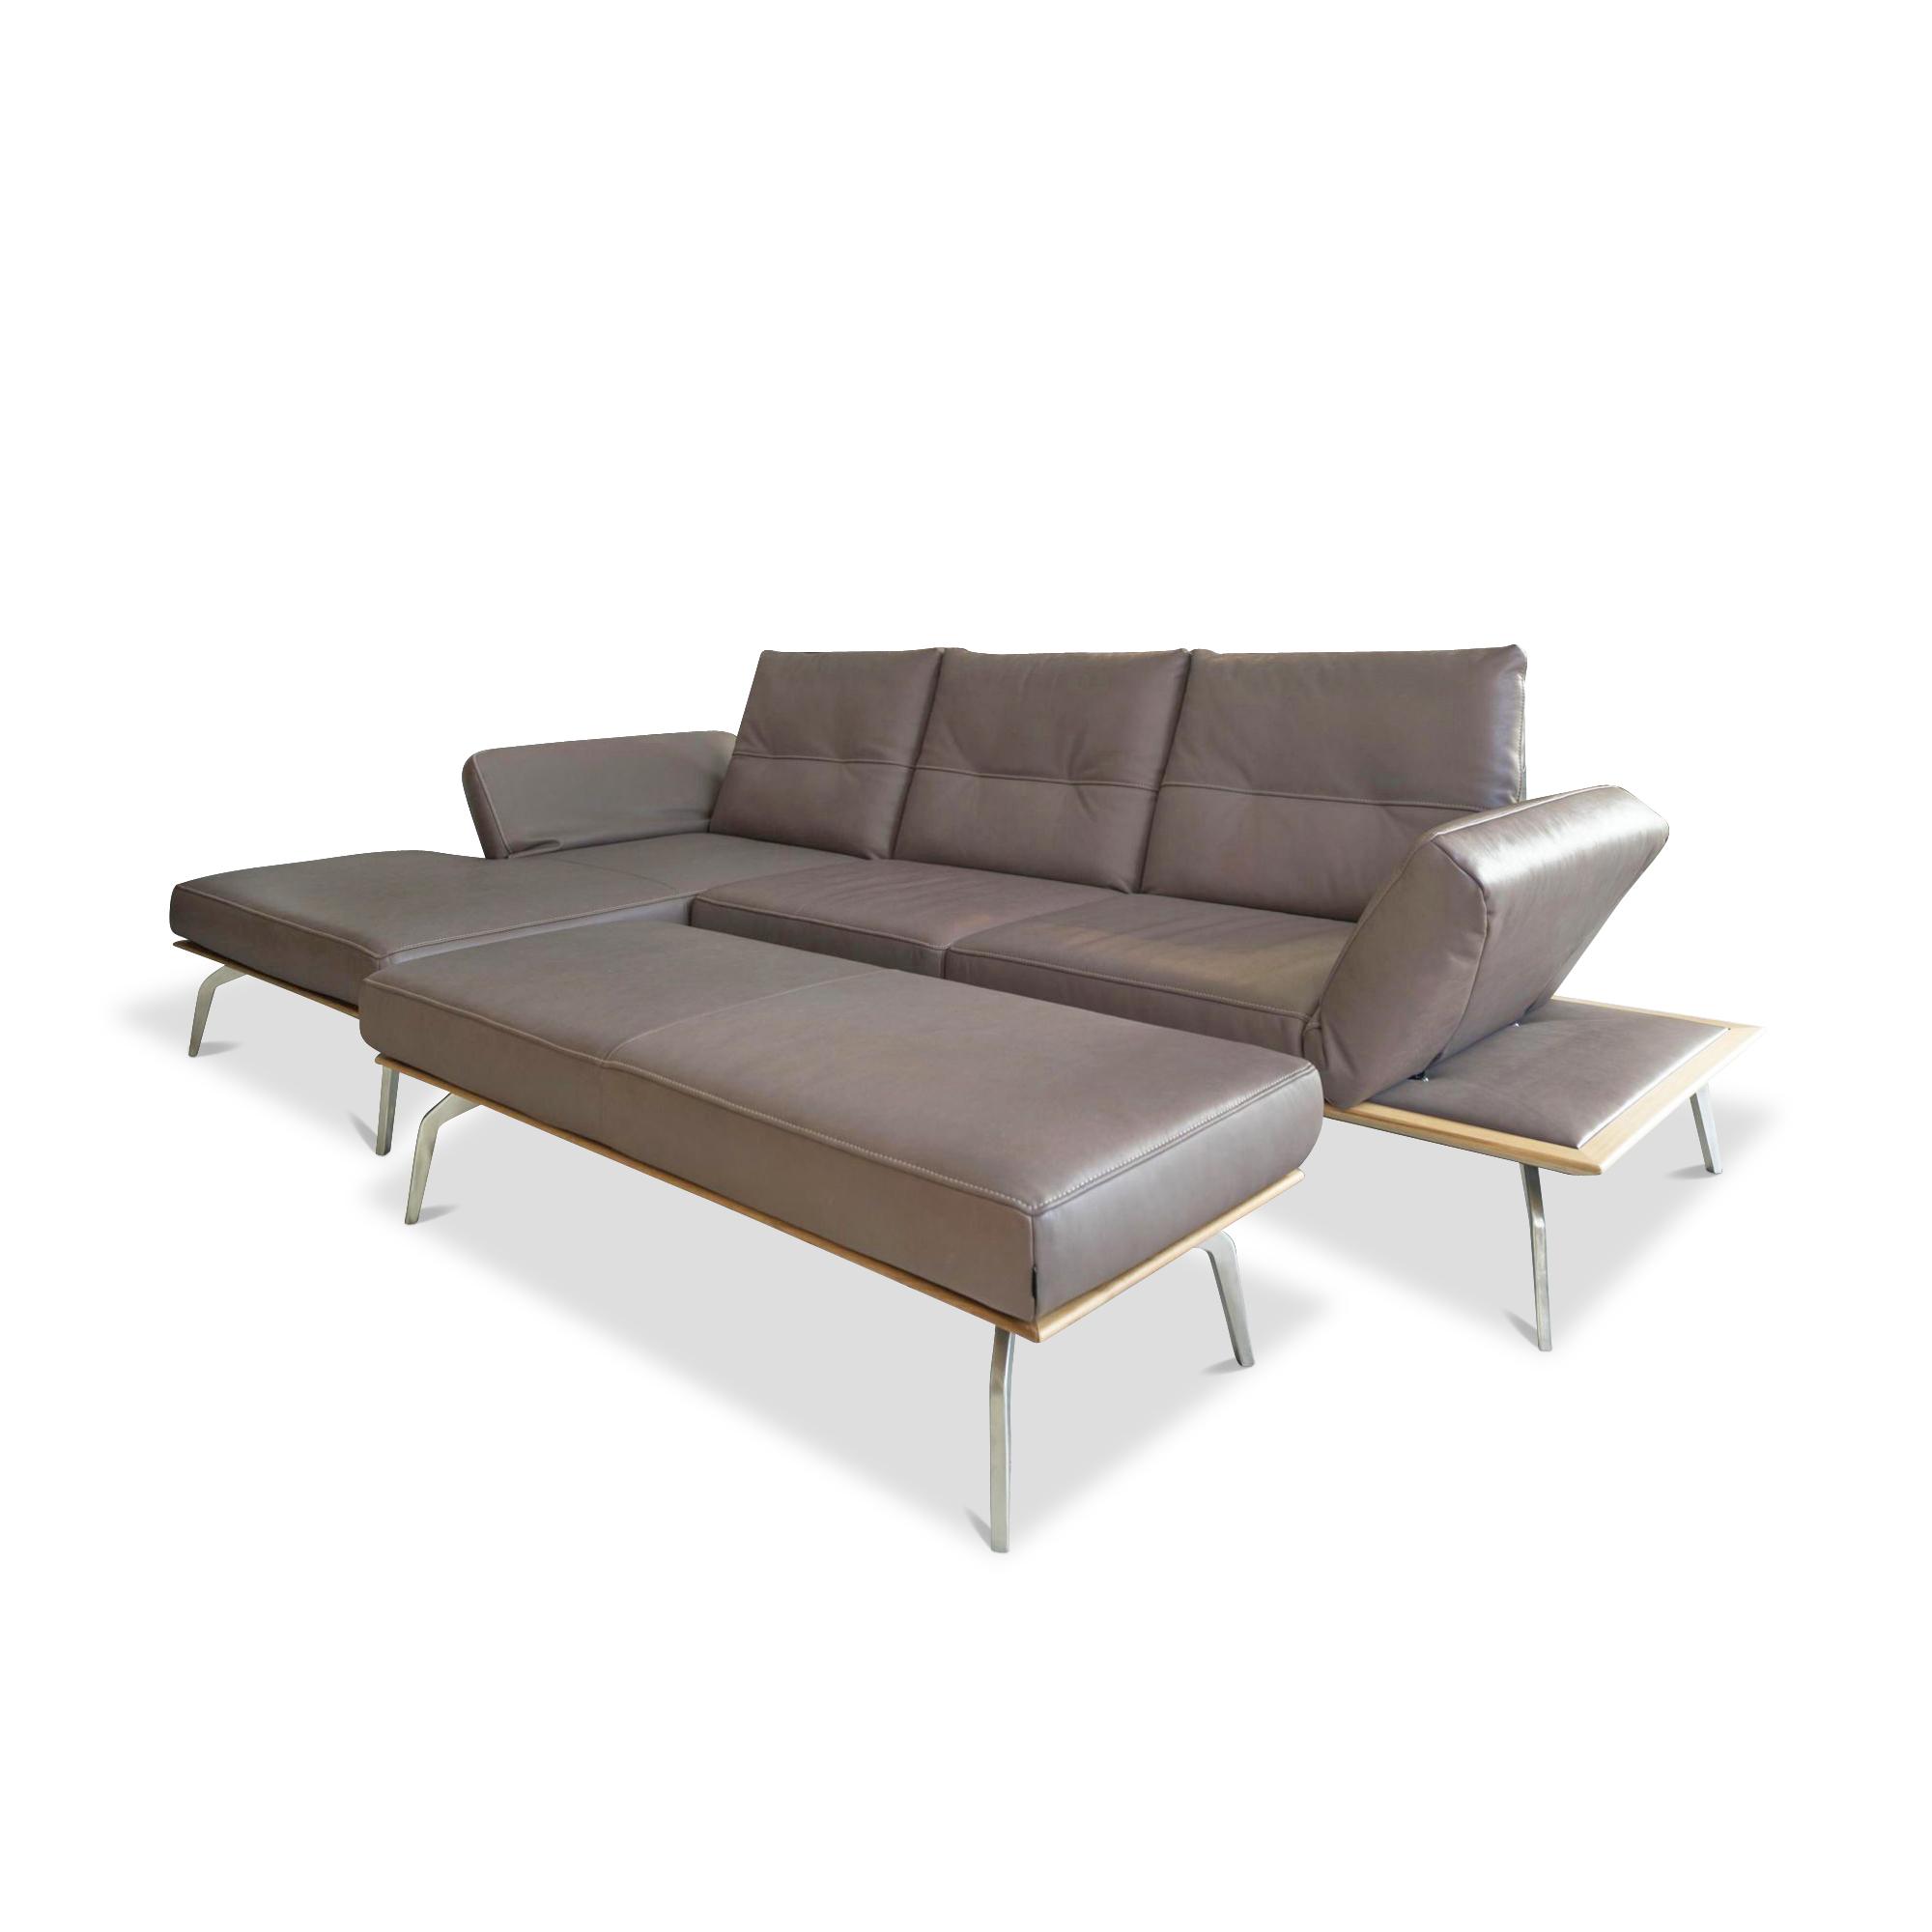 ecksofa mr 495 mit verstellbarem r cken musterring sofas g nstig kaufen m belfirst. Black Bedroom Furniture Sets. Home Design Ideas